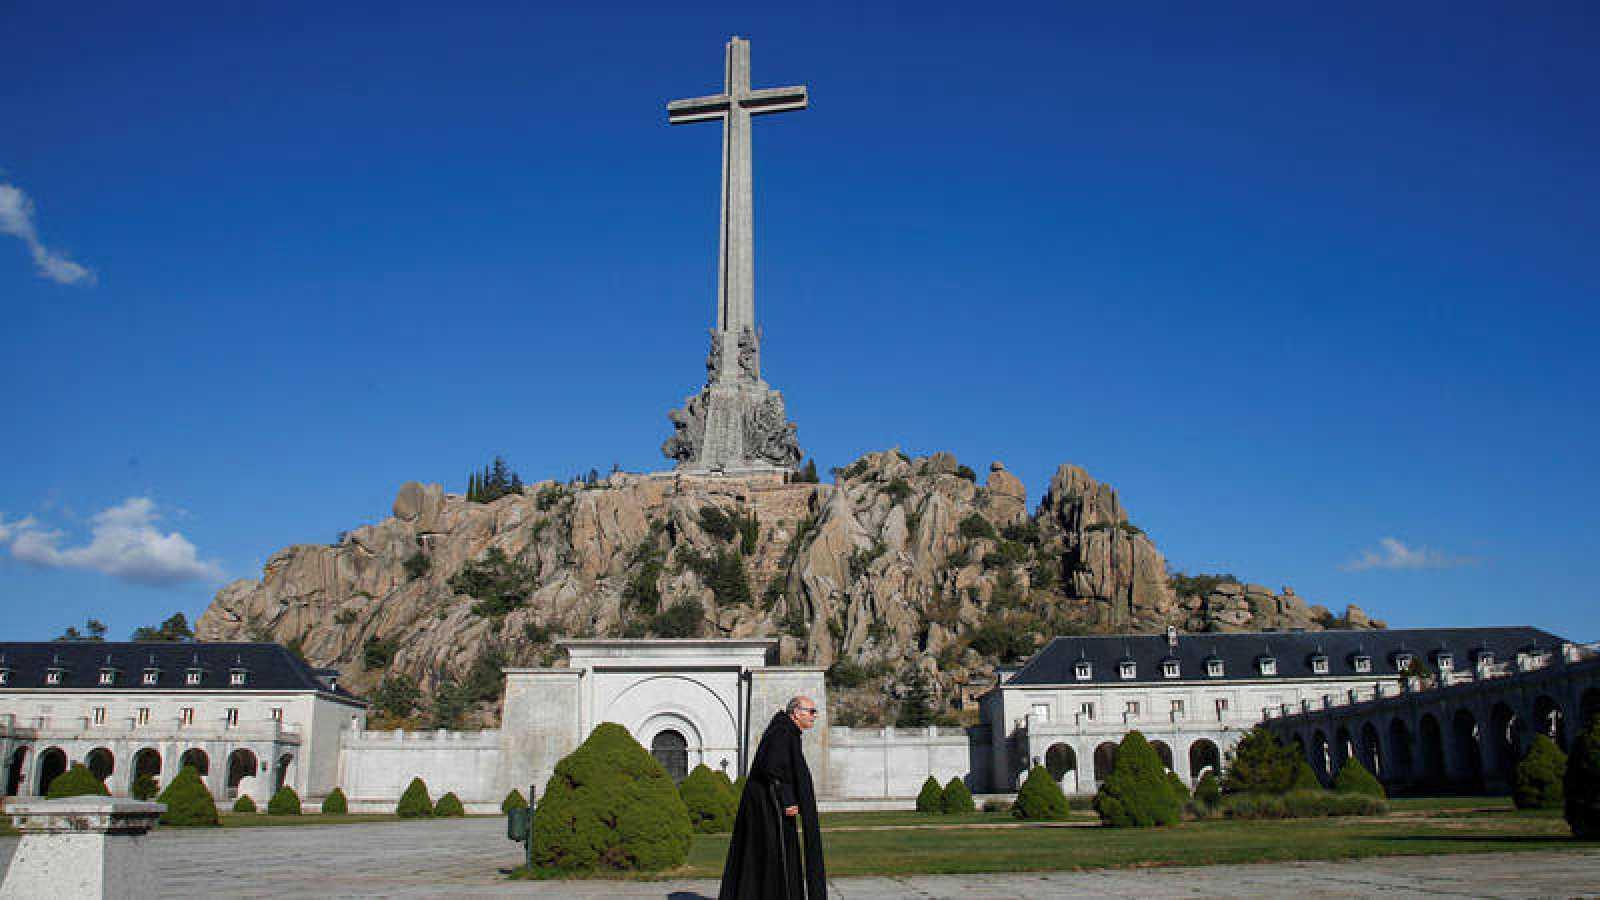 El Ejecutivo sacará los restos del dictador Francisco Franco del Valle de los Caídos en helicóptero